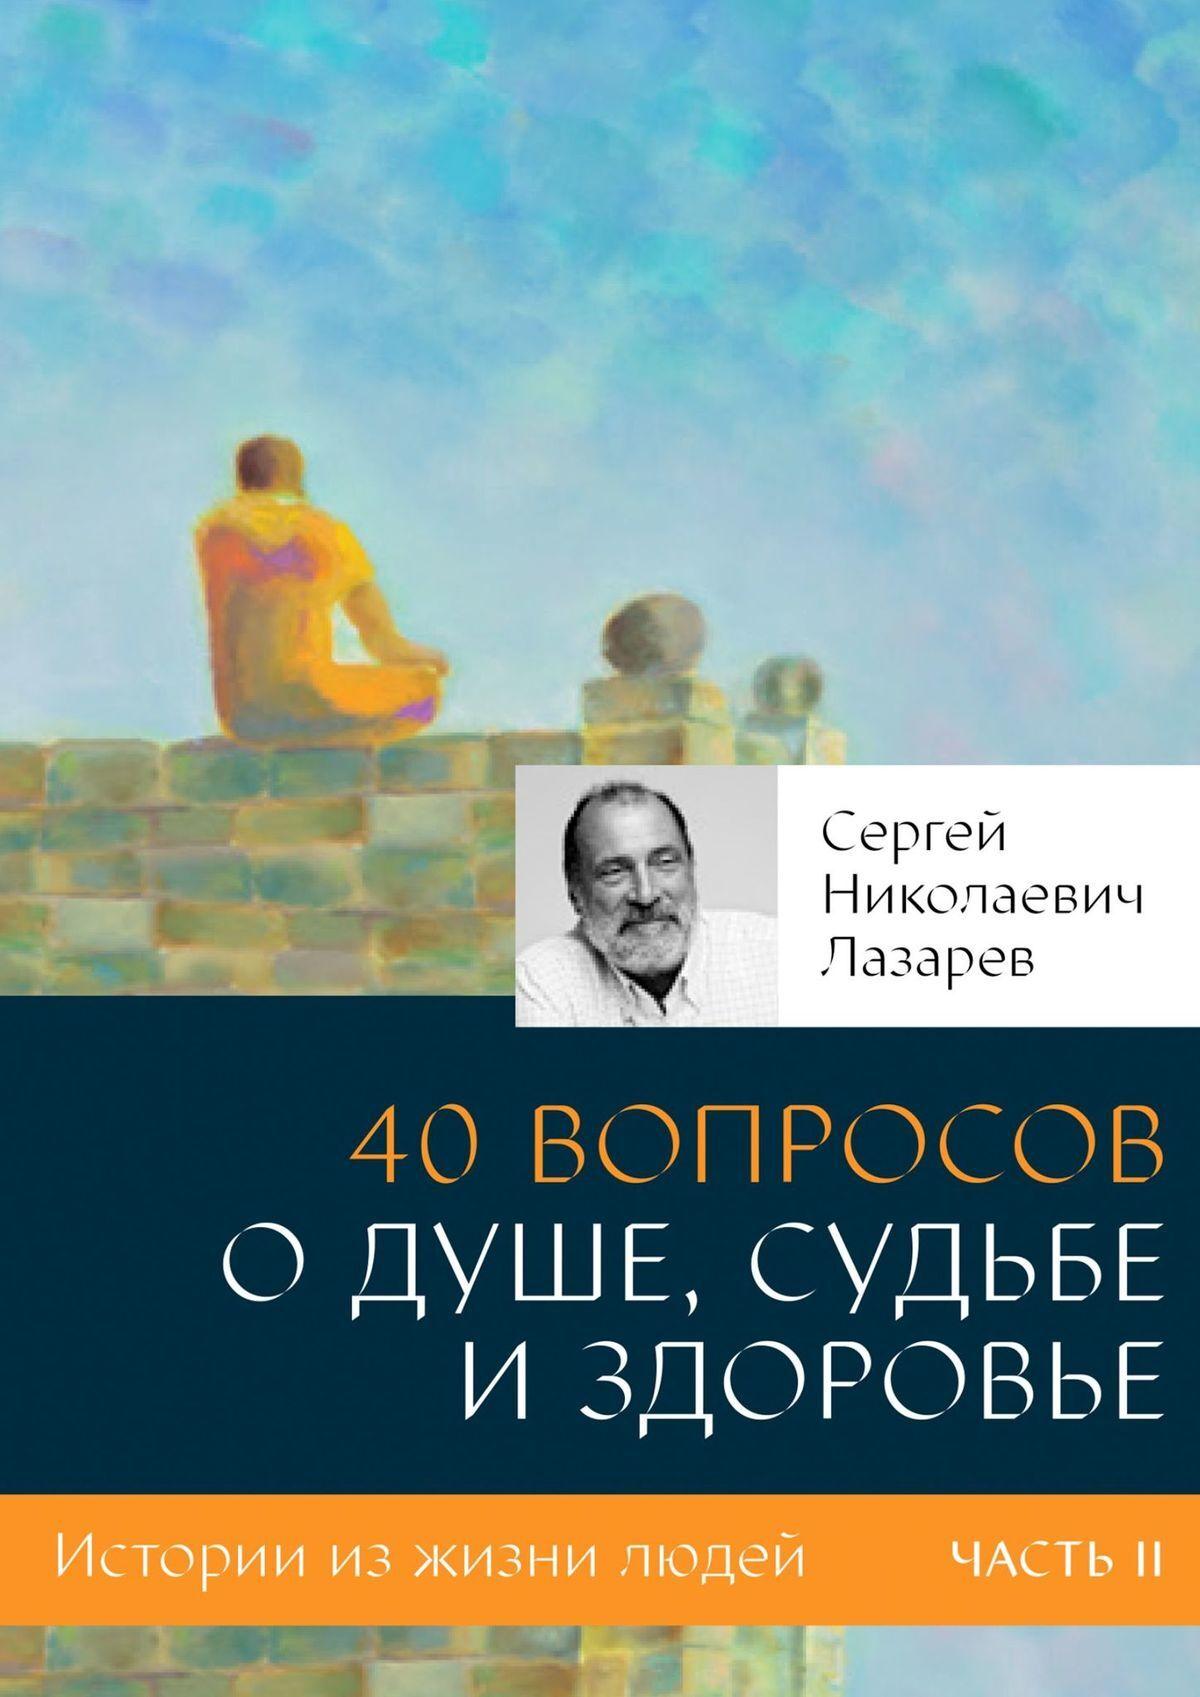 Сергей Николаевич Лазарев 40вопросоводуше, судьбе издоровье. Часть2 малов в как человек научился летать только самое интересное о самолетах